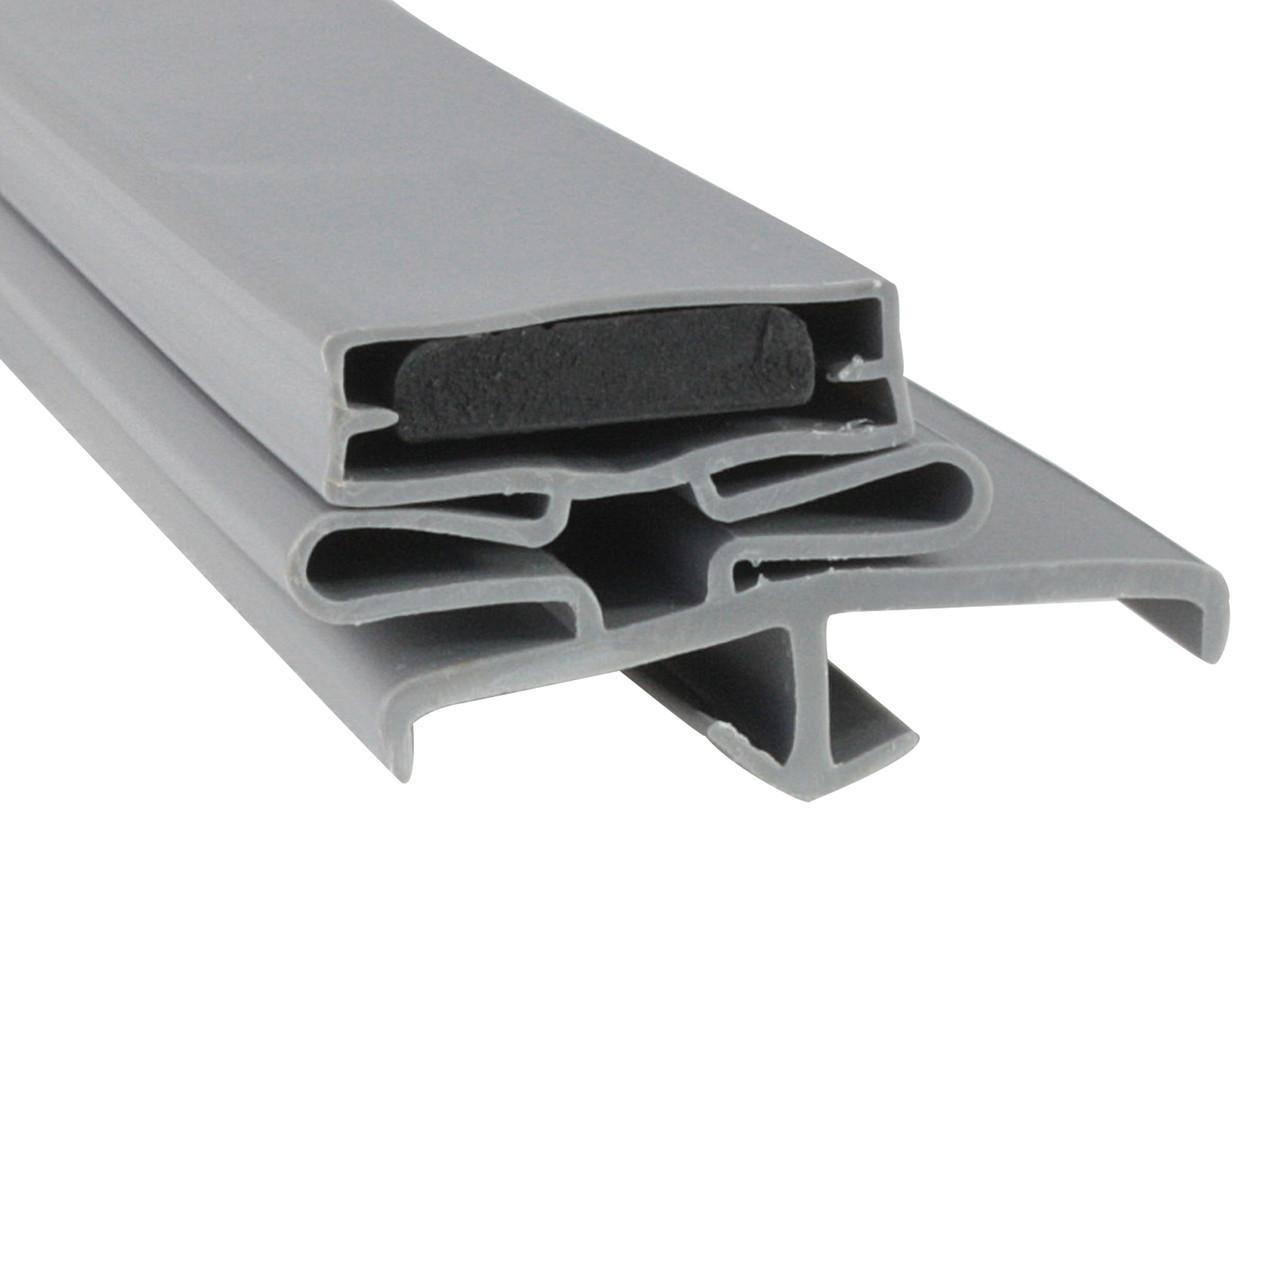 Vulcan Hart Door Gasket Profile 168 36 1/2 x 77 3/4